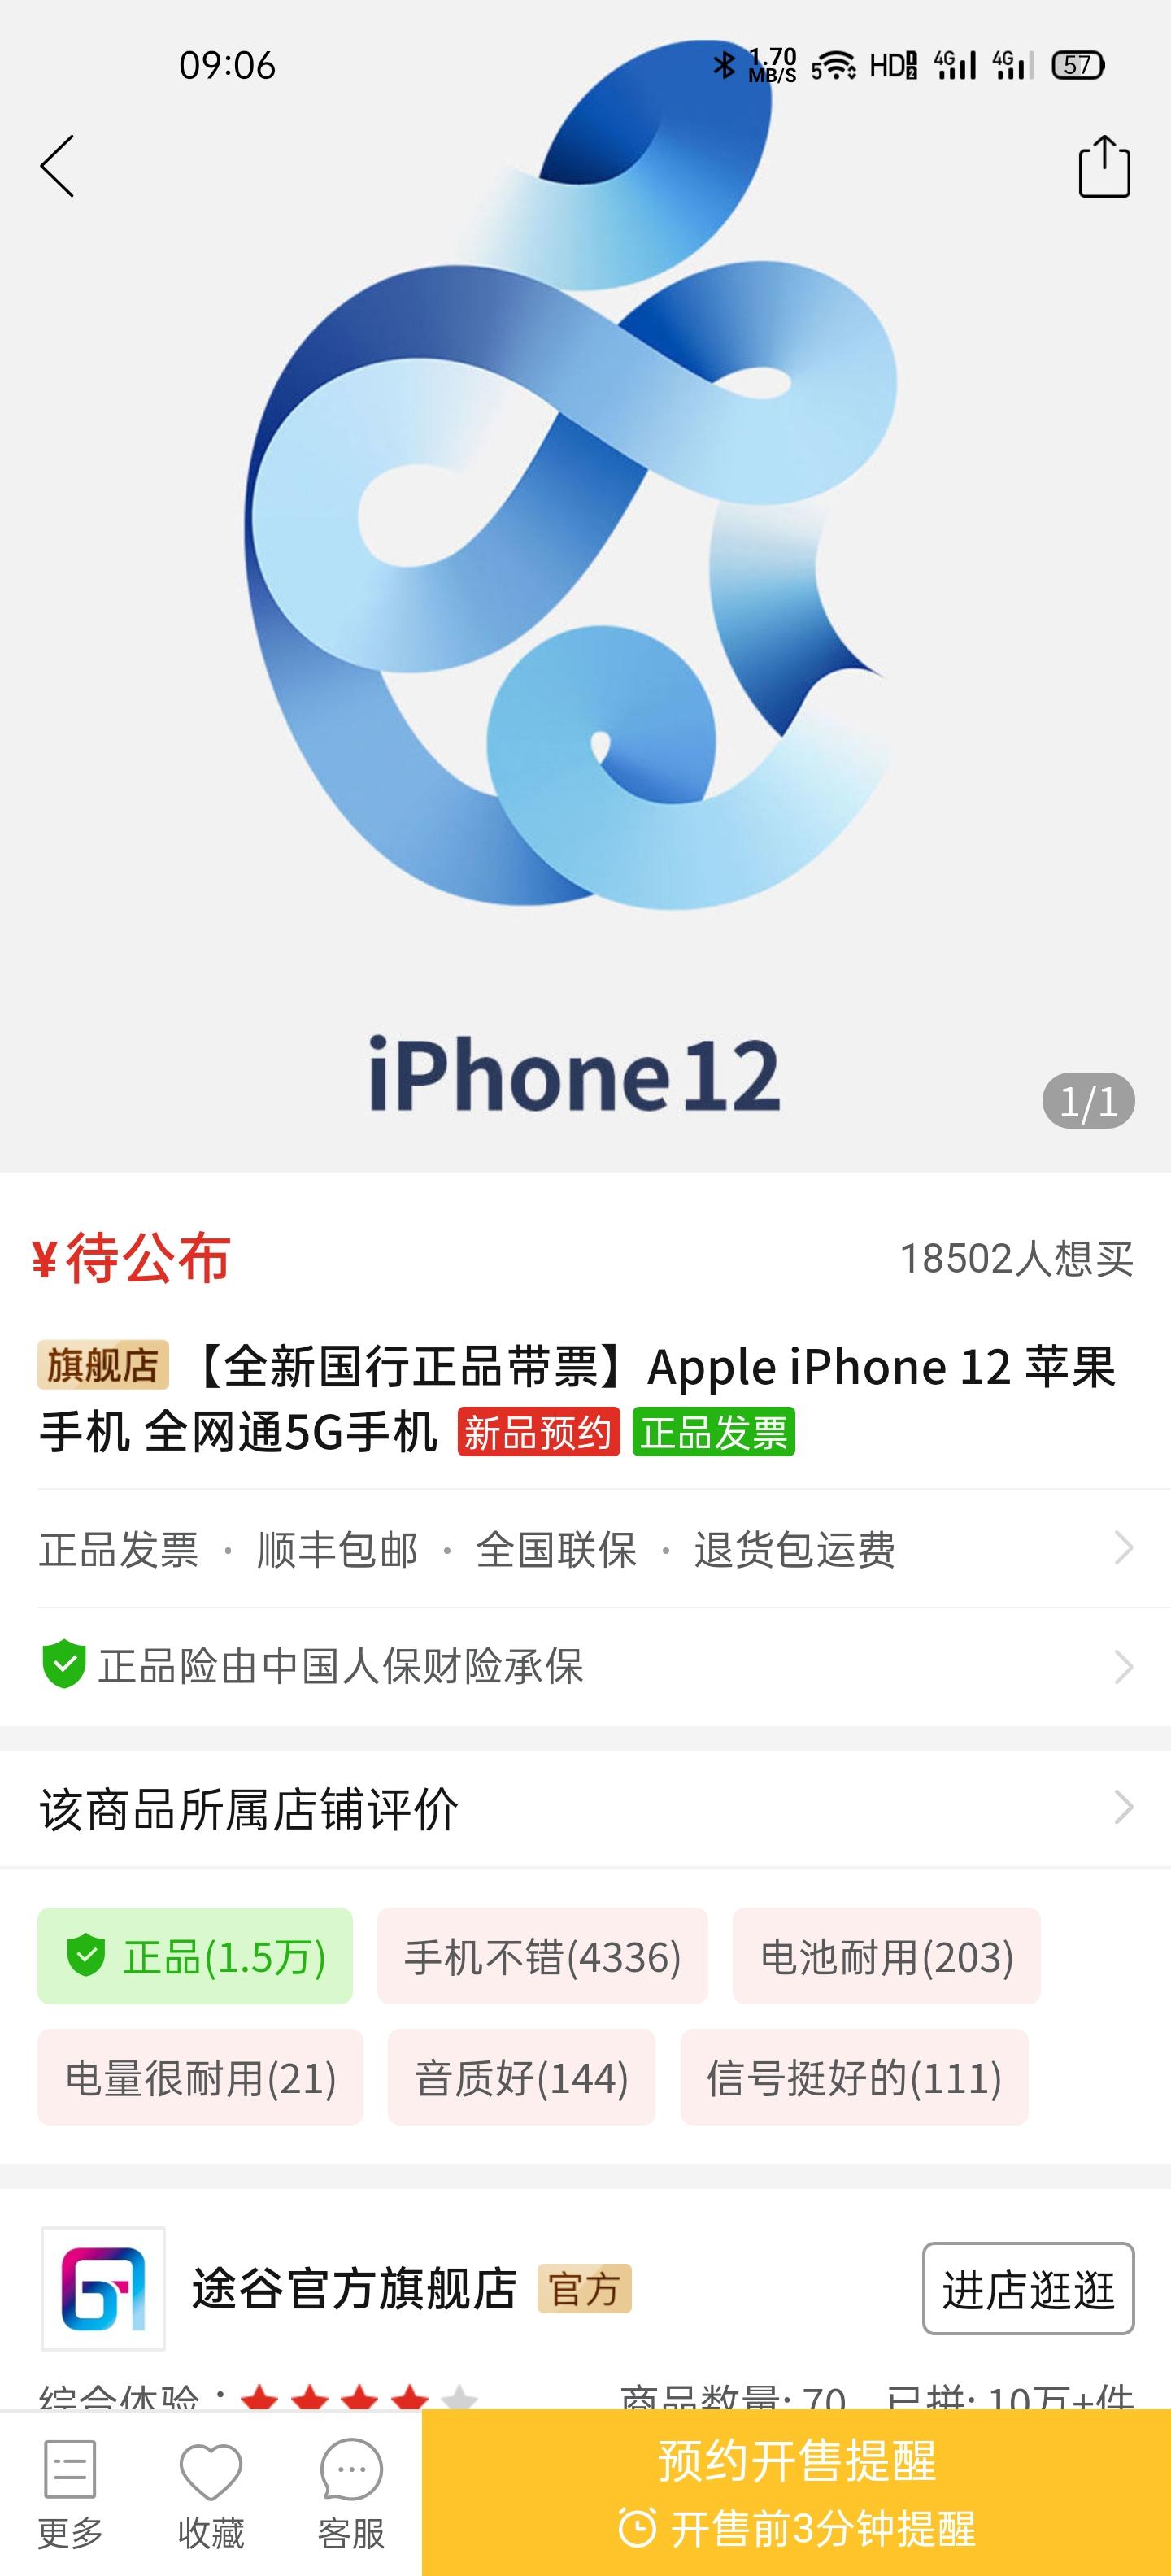 拼多多首发预约iPhone 12?